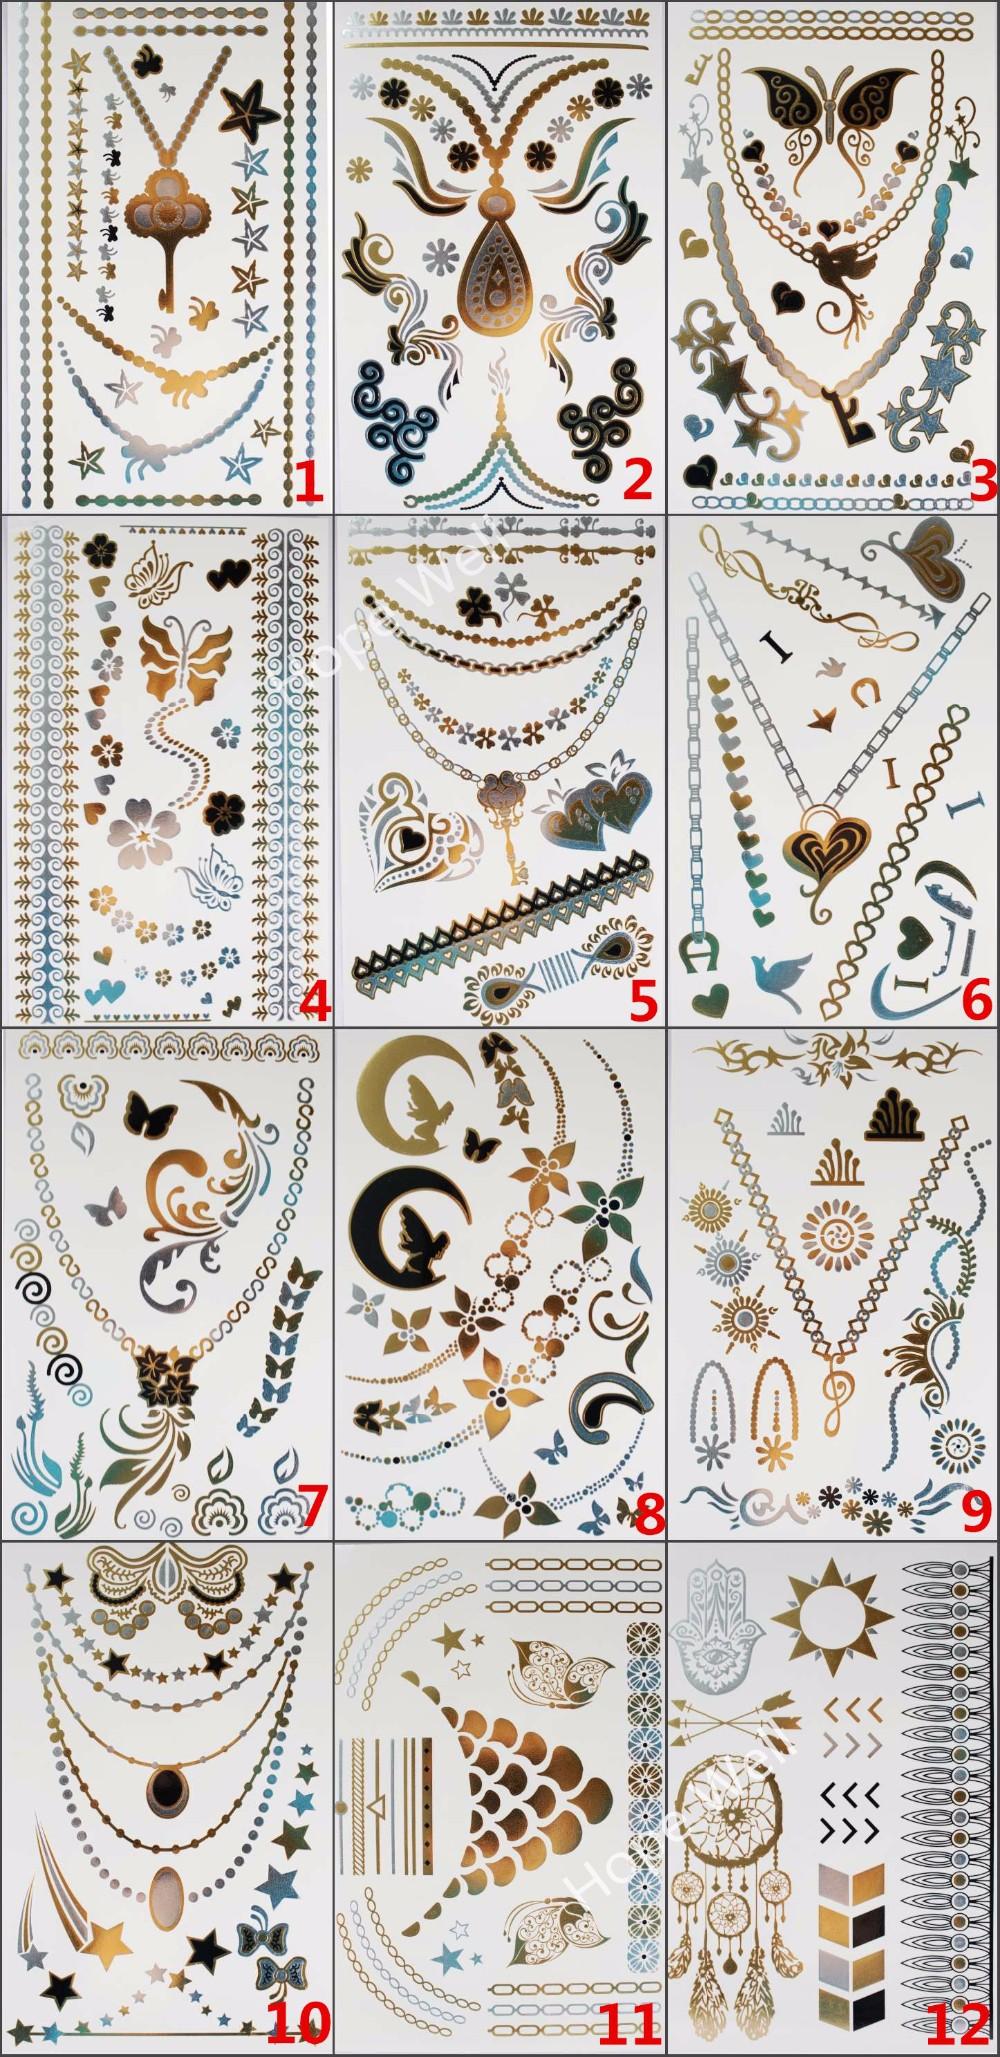 4pcs/lot Temporary Gold Flash Tattoo Metalic Jewelry Tatoo Sticker Multi Pattern for Choose tatuagem tatuaje Body Art 1